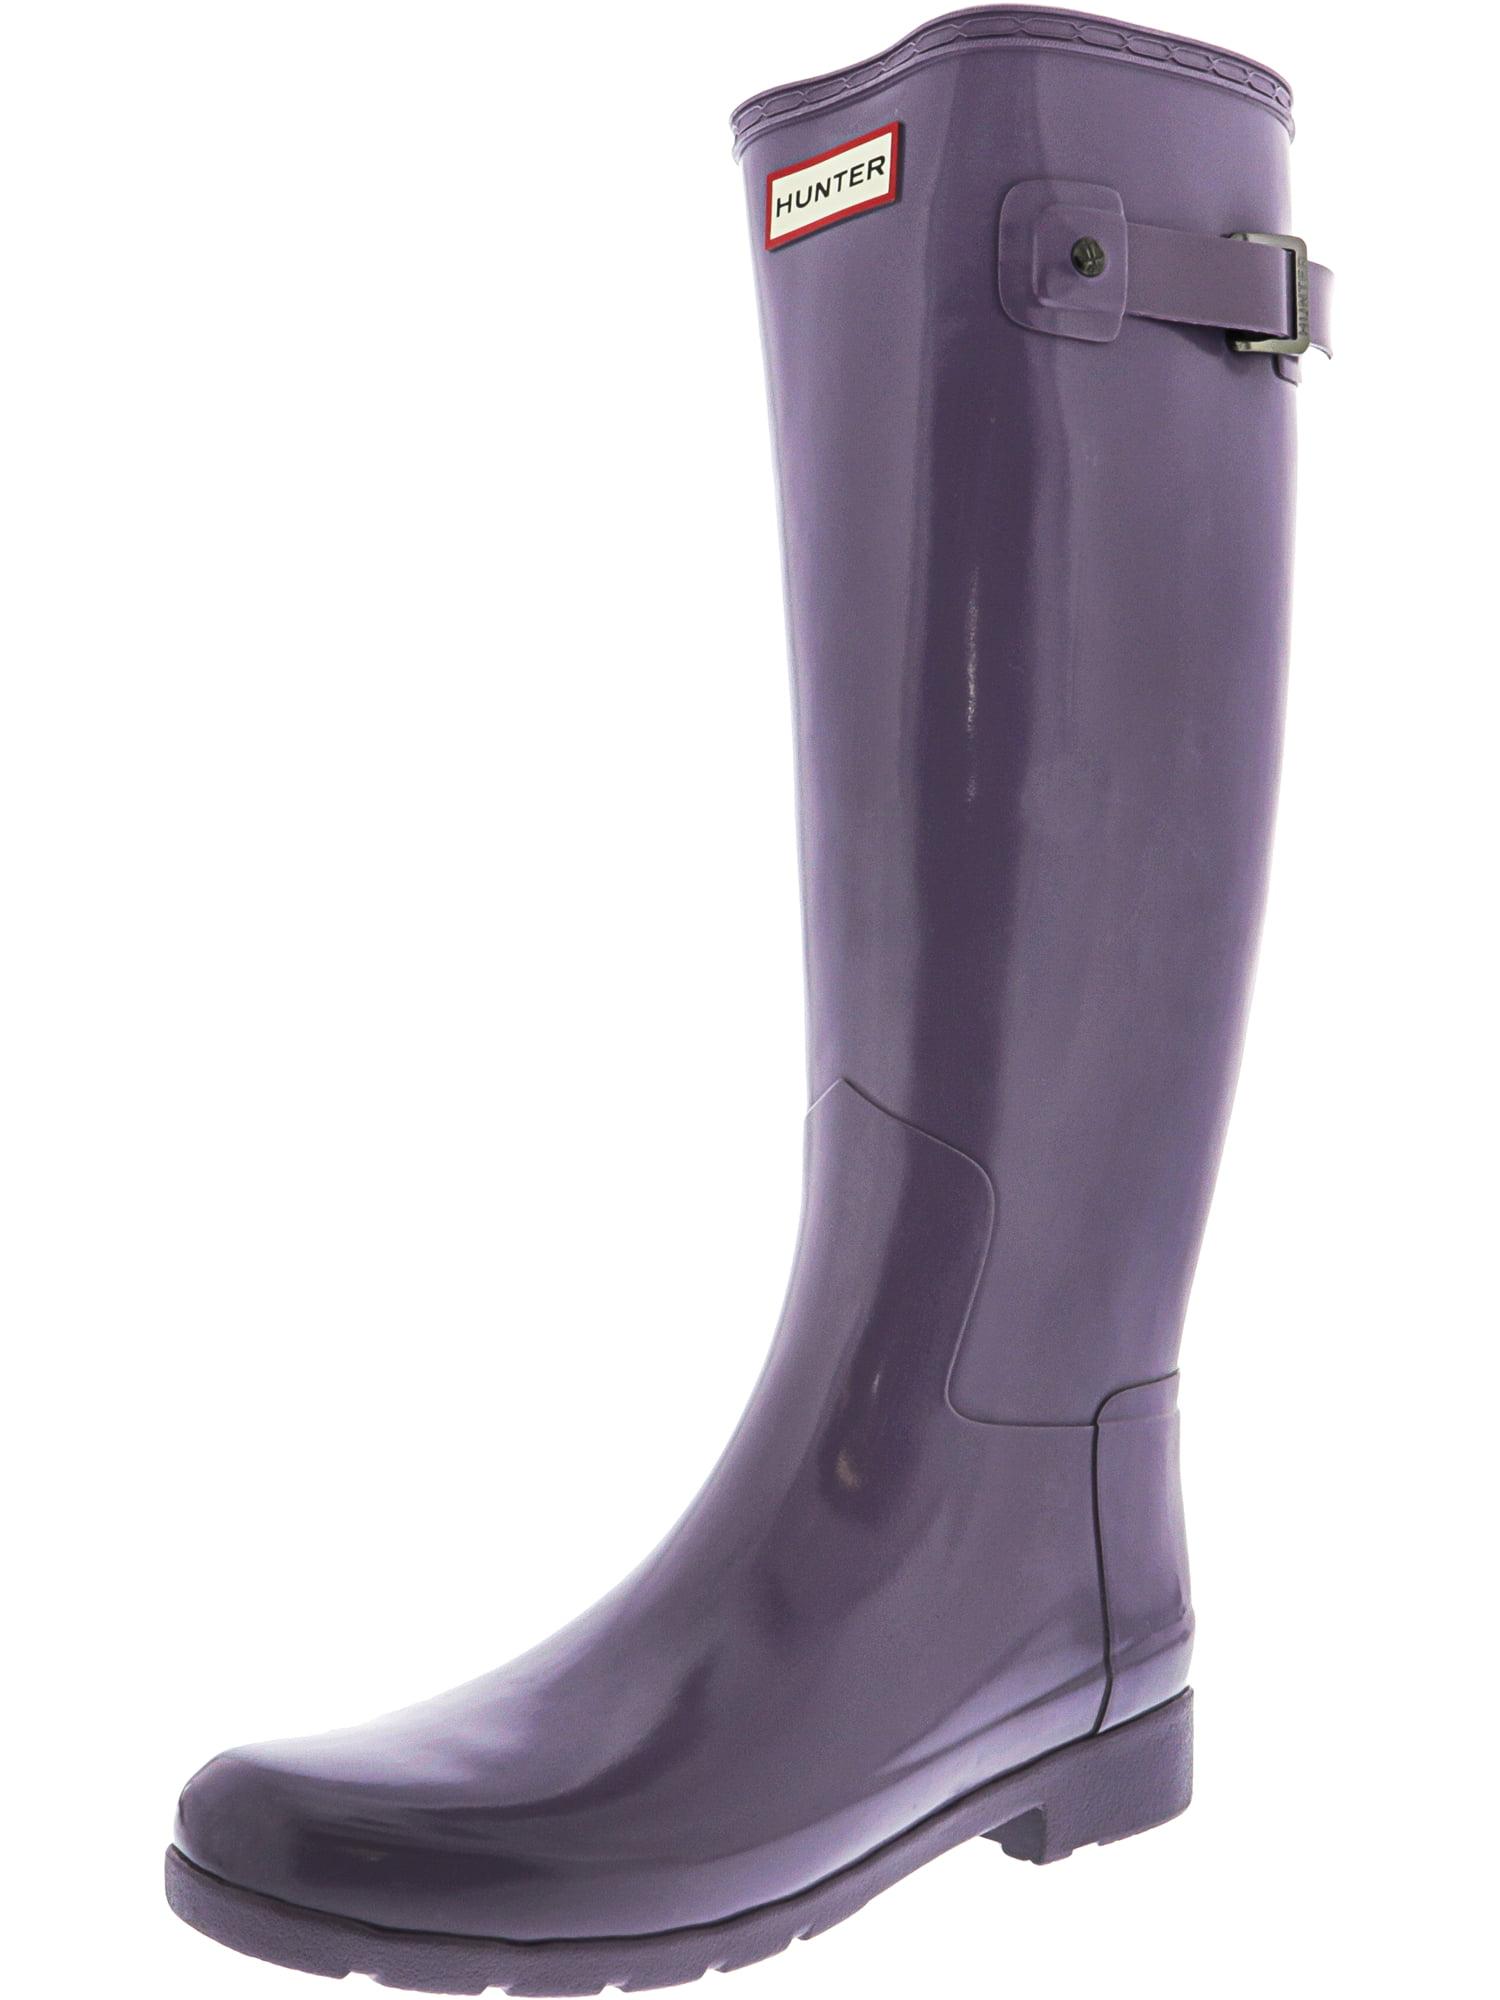 8be187824 Hunter - Hunter Women's Original Refined Knee-High Rubber Rain Boot - 8M -  Gloss Sage - Walmart.com